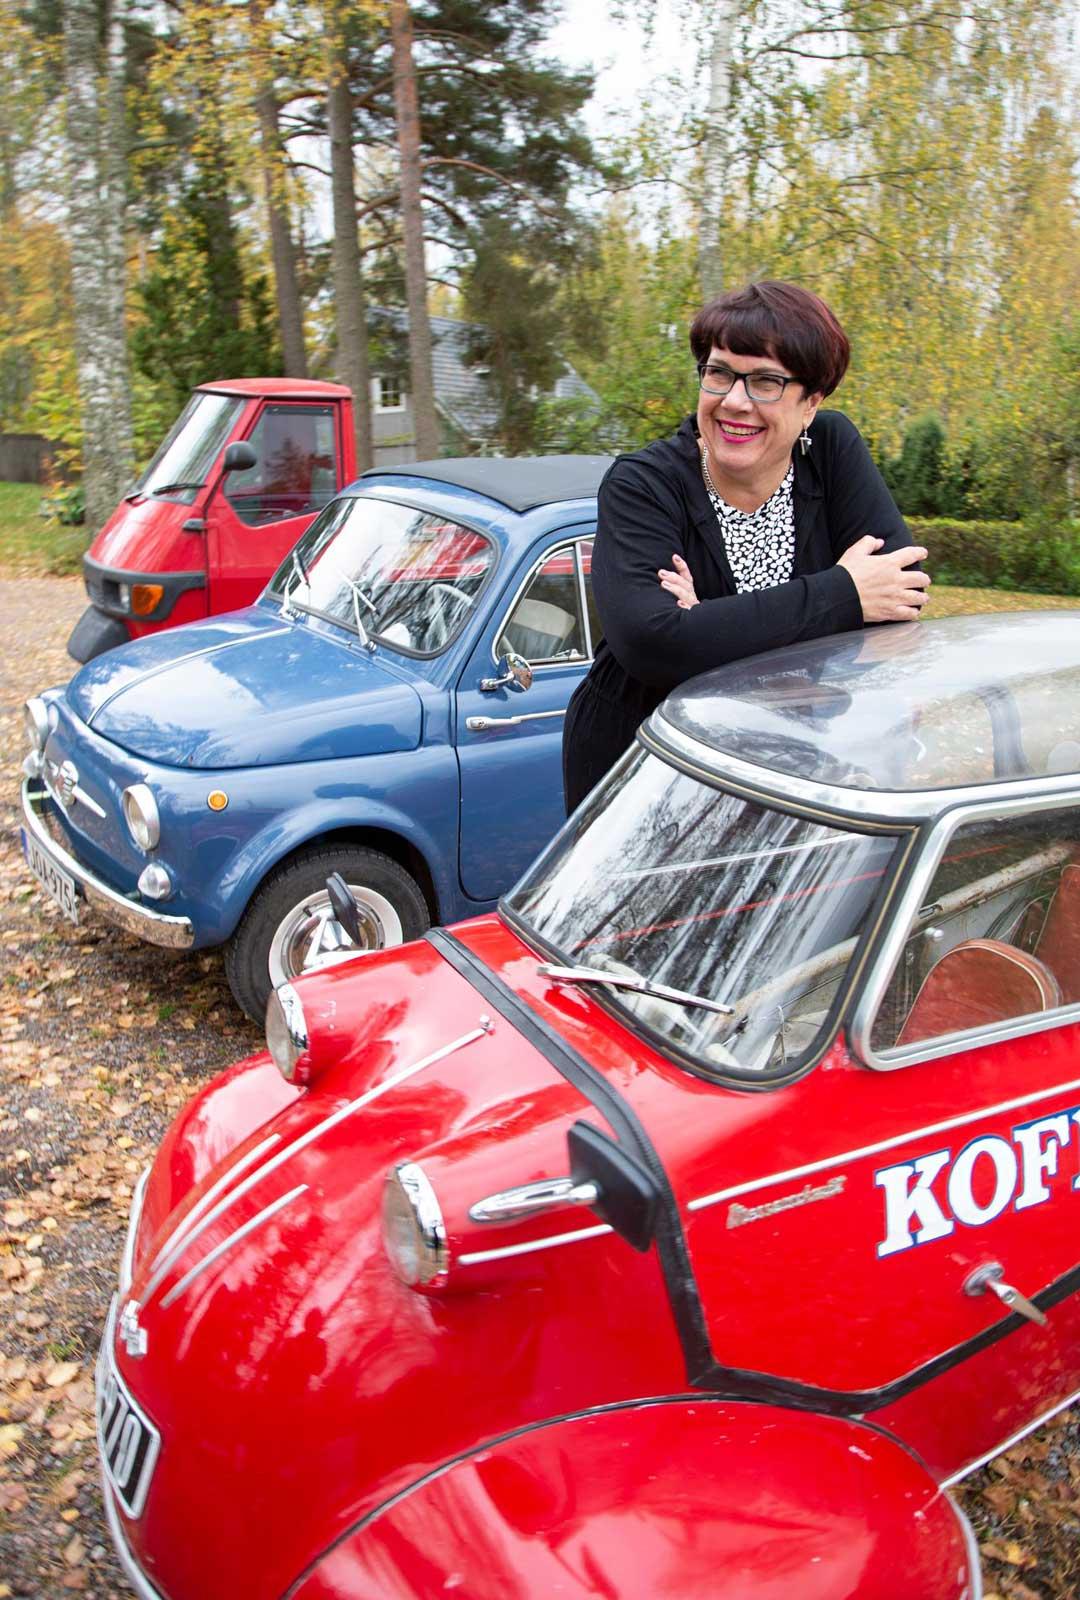 Outin mukaan nostalgiset kääpiöautot tuottavat iloa myös vastaantulijoille.